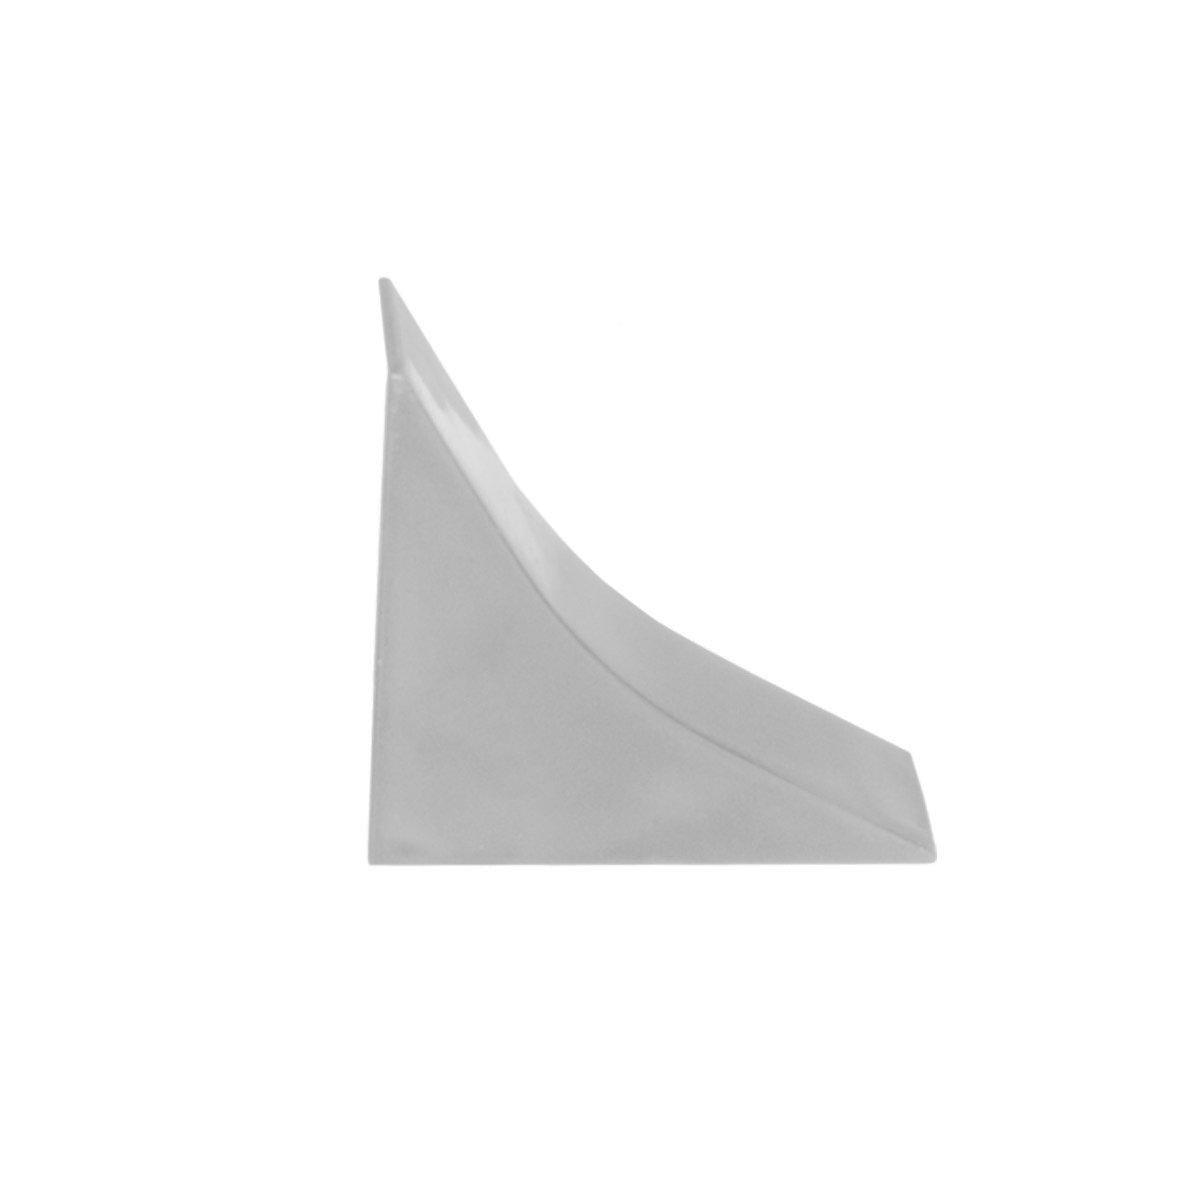 HOLZBRINK Acabado de Copete de Encimera Granito Claro Listón de Acabado PVC Copete de Encimeras de Cocina 23x23 mm: Amazon.es: Bricolaje y herramientas